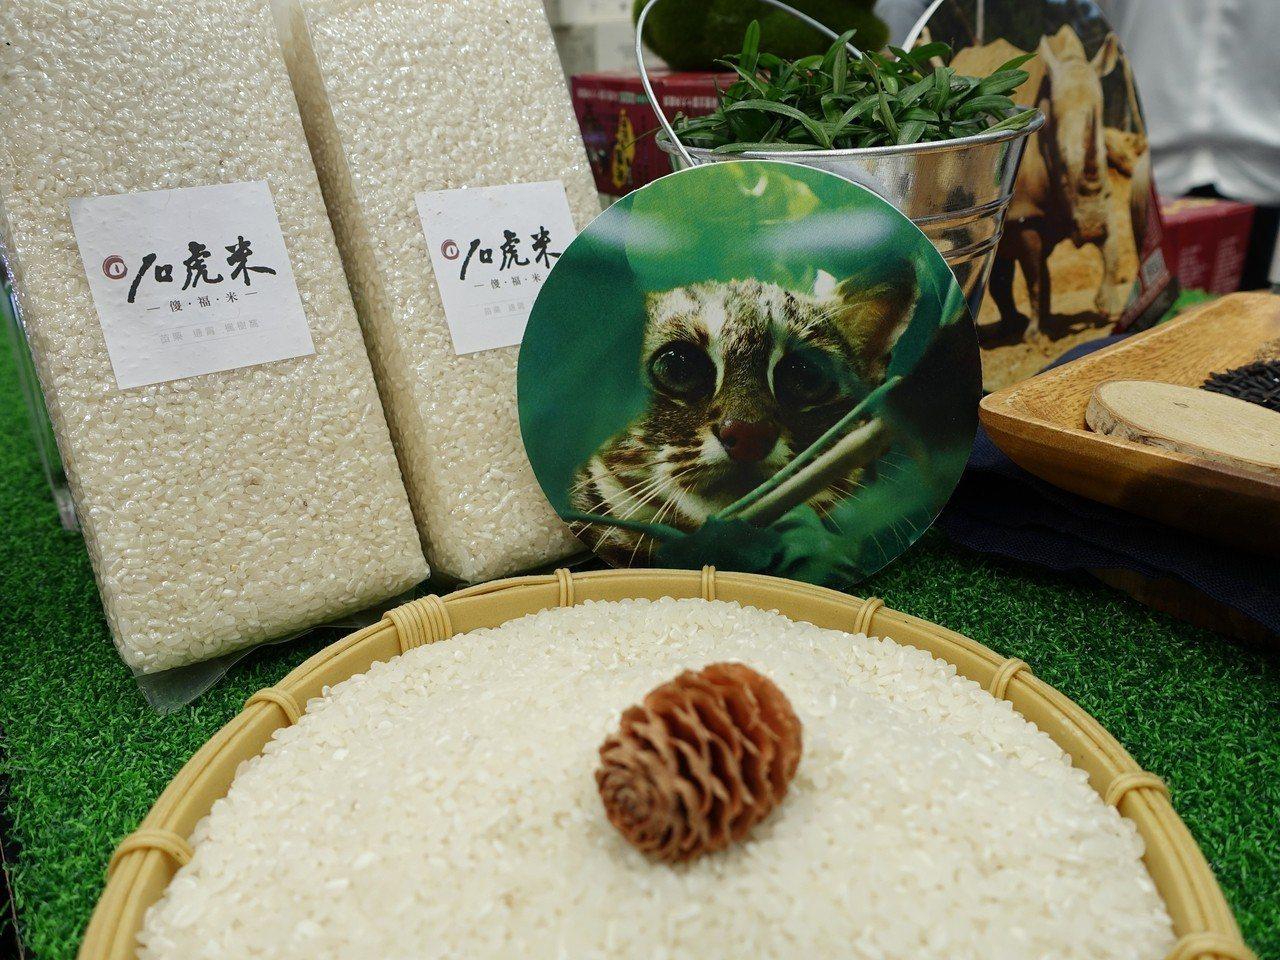 苗栗楓樹窩石虎米,售價110元/600g。記者張芳瑜/攝影